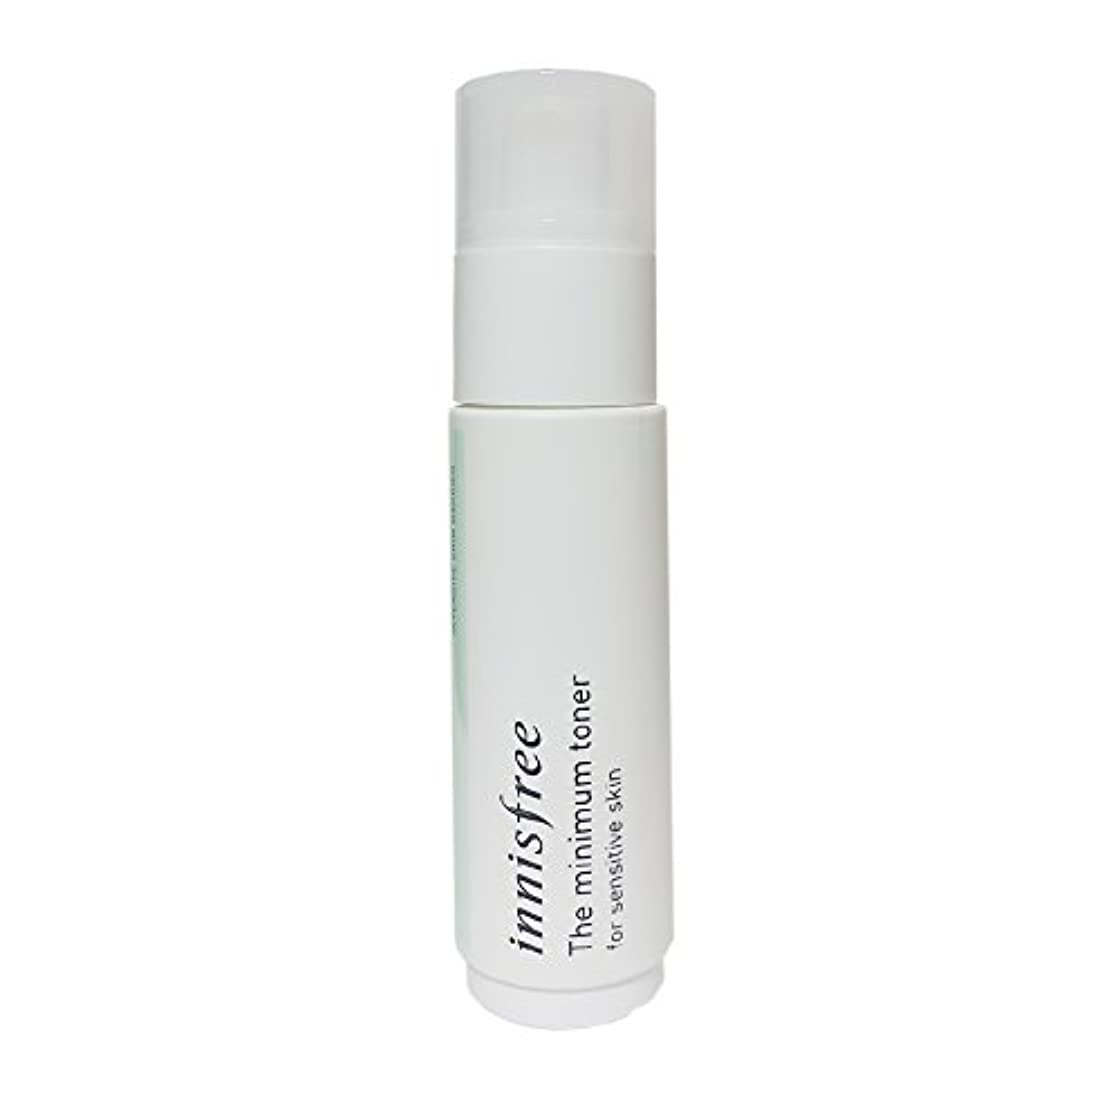 原理金銭的具体的に[イニスフリー] Innisfree ザミニマム トナー敏感肌用(45ml) Innisfree The Minimum Toner For Sensitive Skin(45ml)  [海外直送品]